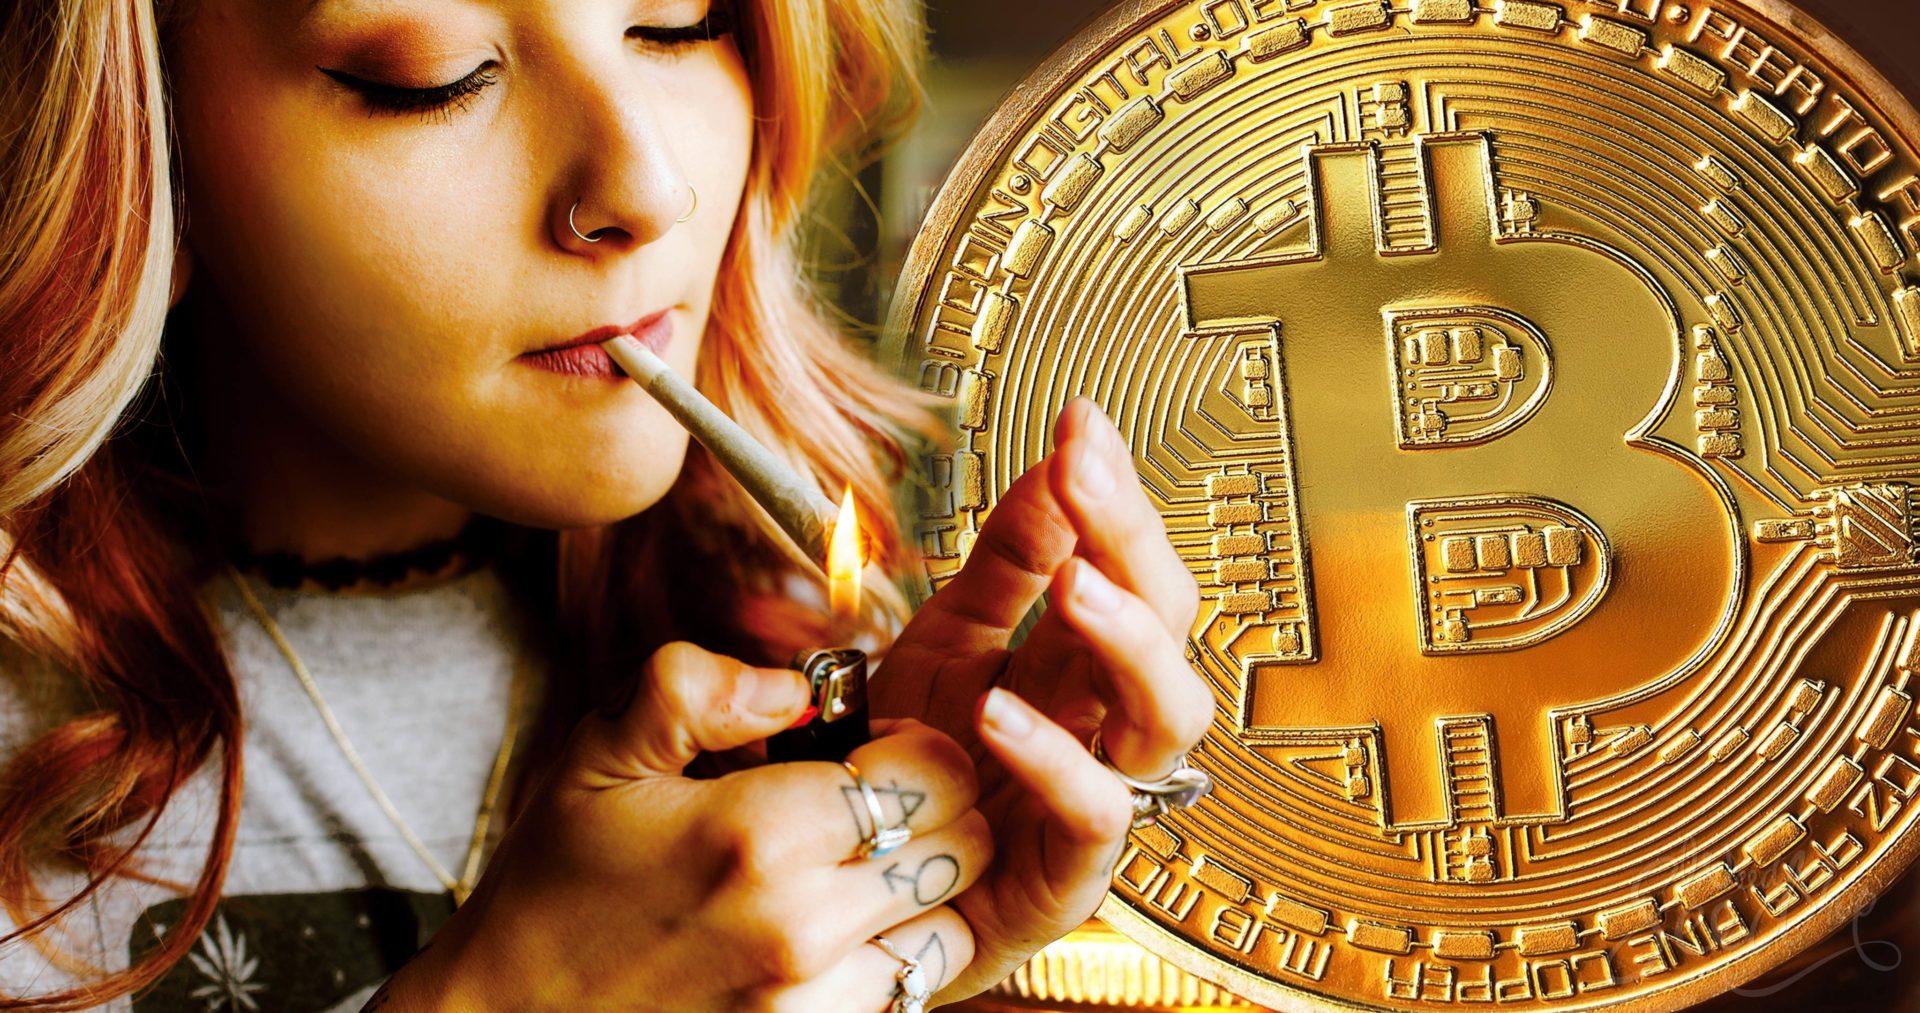 El Cannabis y la criptomoneda: ¿Las Bitcoins pueden ser intercambiadas por cogollos?